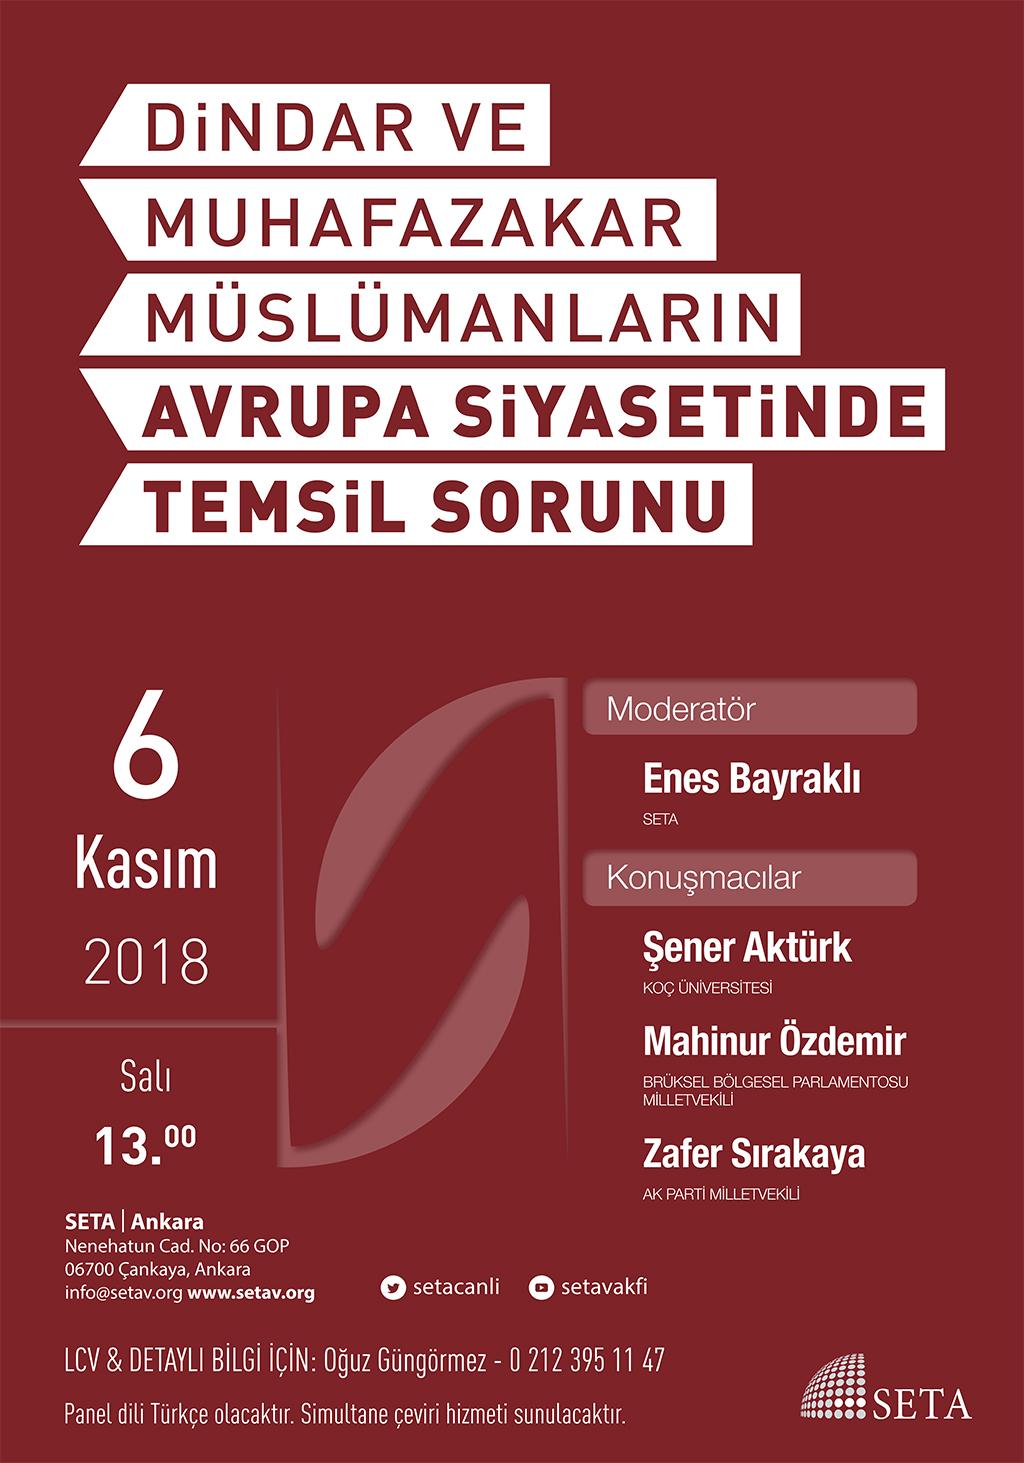 Panel: Dindar Ve Muhafazakâr Müslümanların Avrupa Siyasetinde Temsil Sorunu